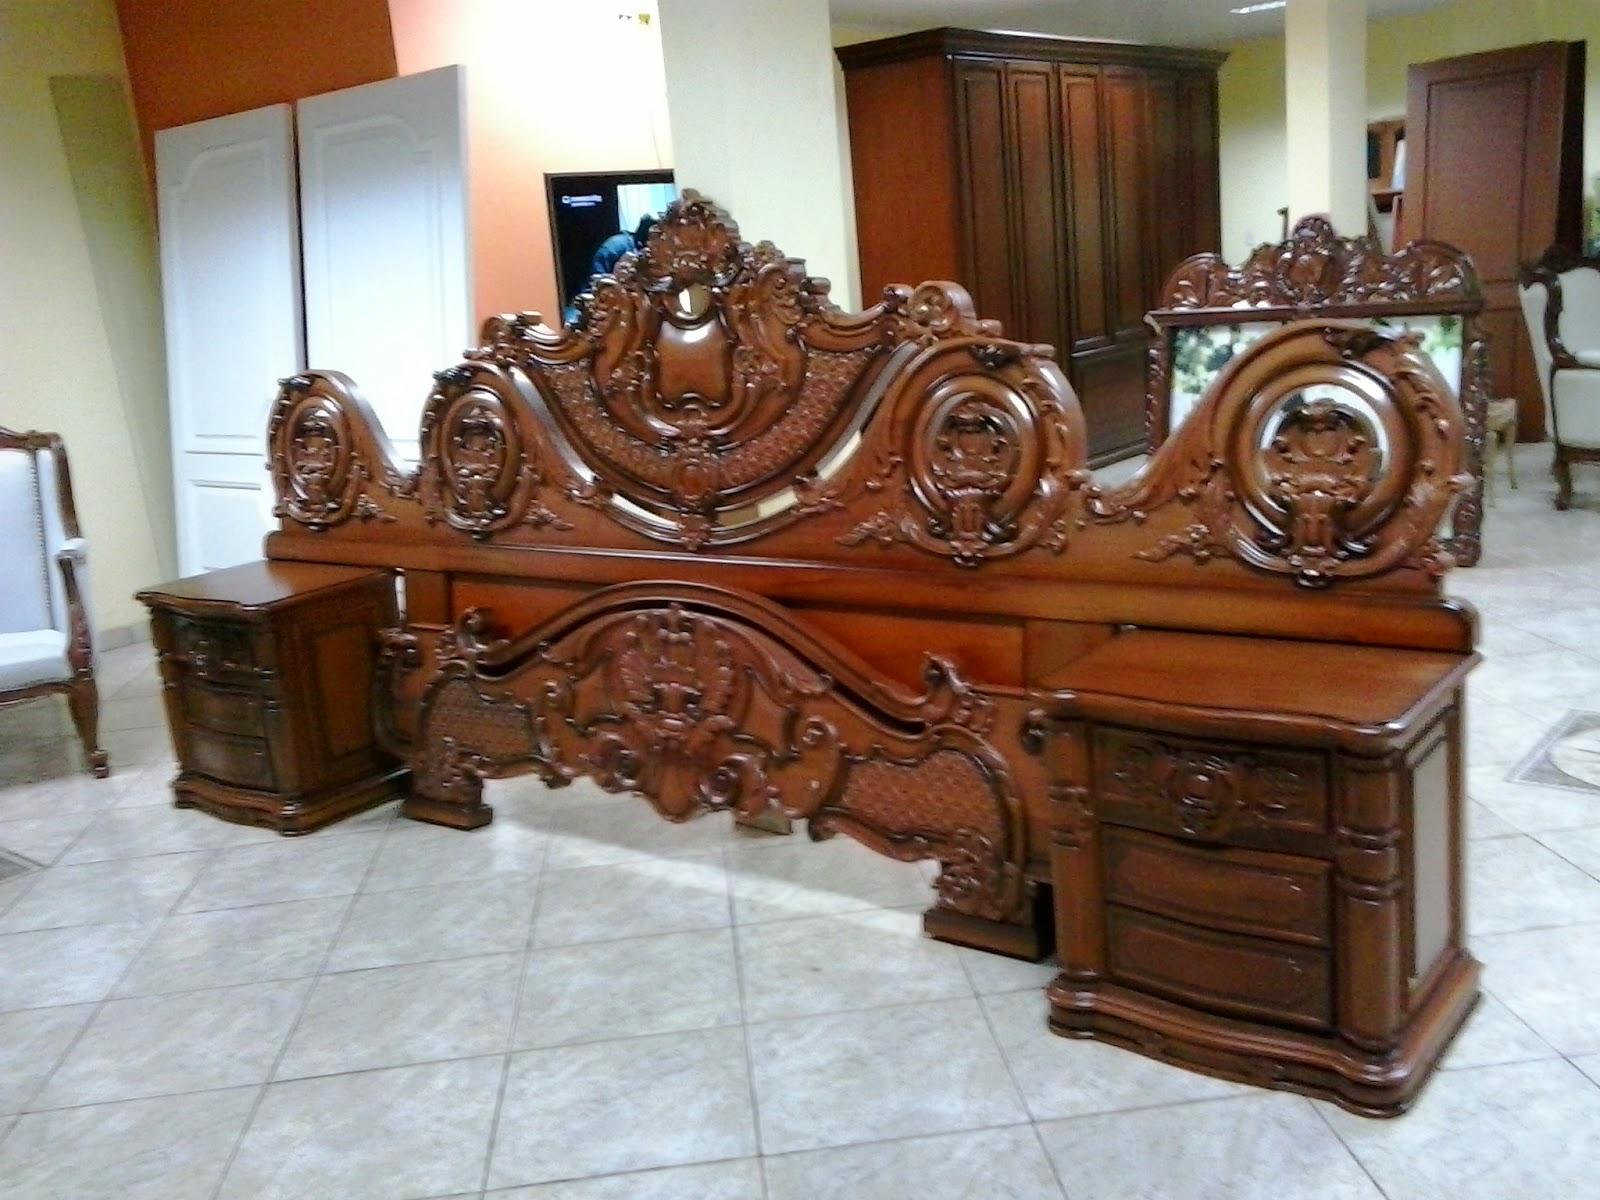 Muebles Antiguos Tallados En Madera : Arte en madera super cama tallada a mano